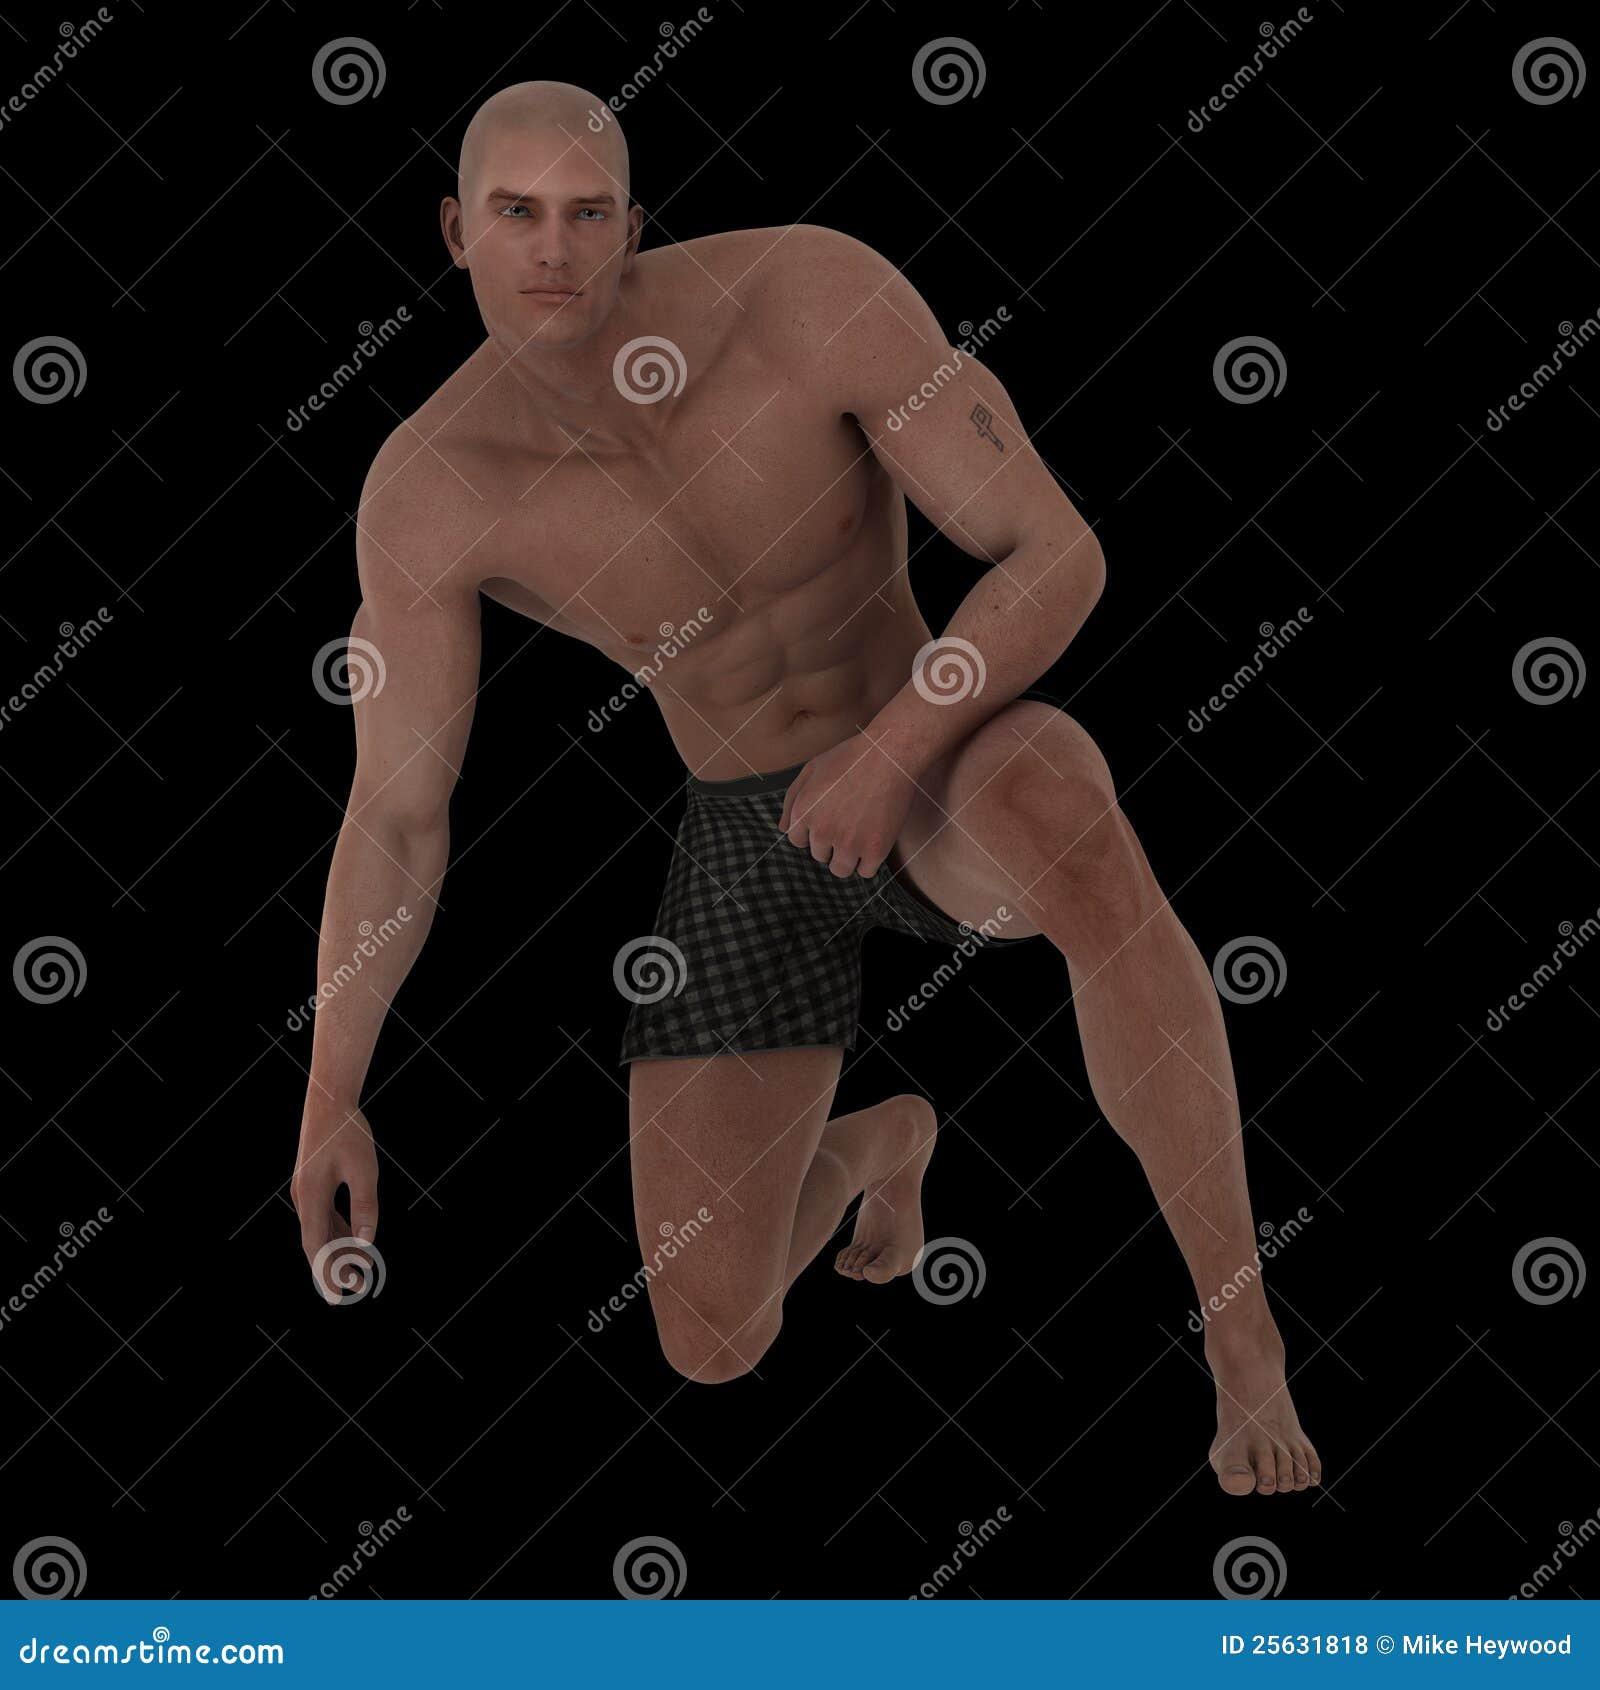 Stattlicher muskulöser junger Mann in den Boxern